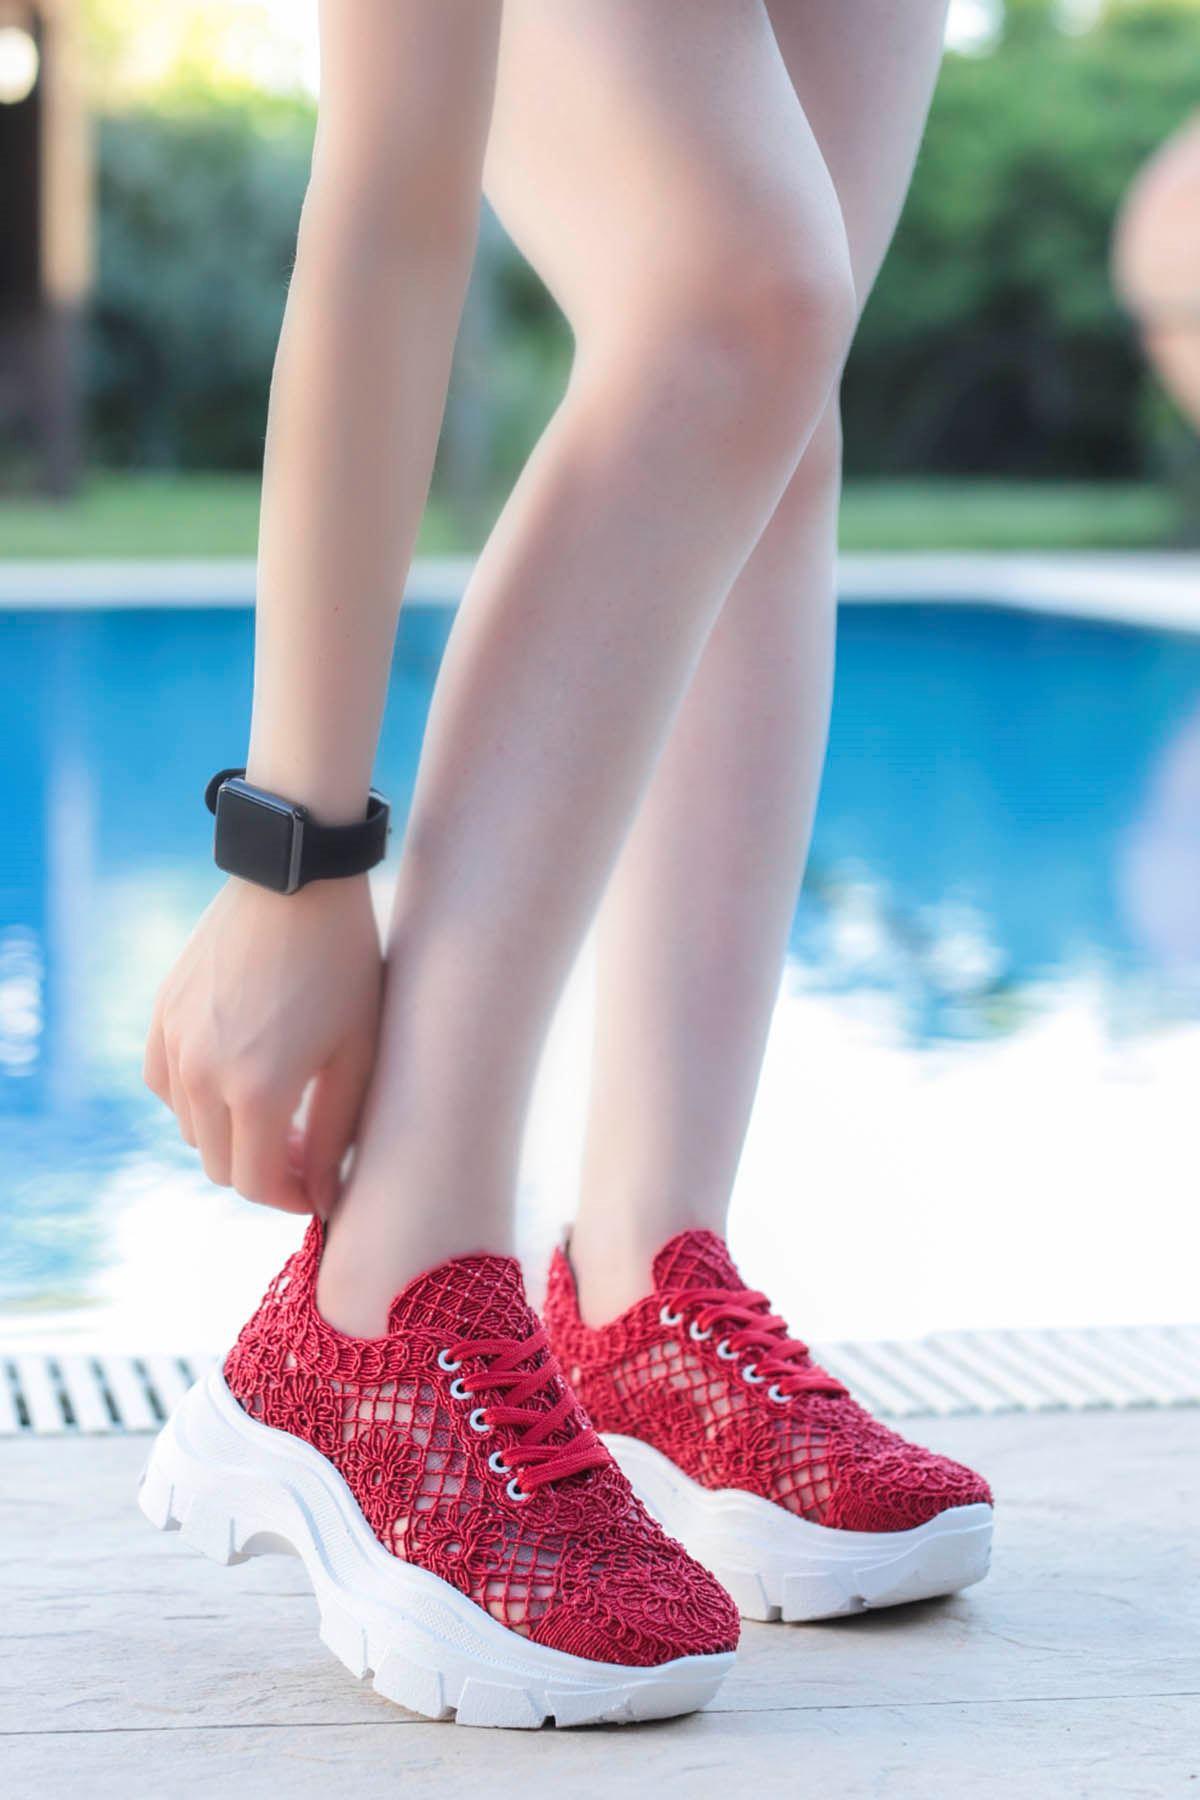 Rayne Dantel Örgü Spor Ayakkabı Kırmızı